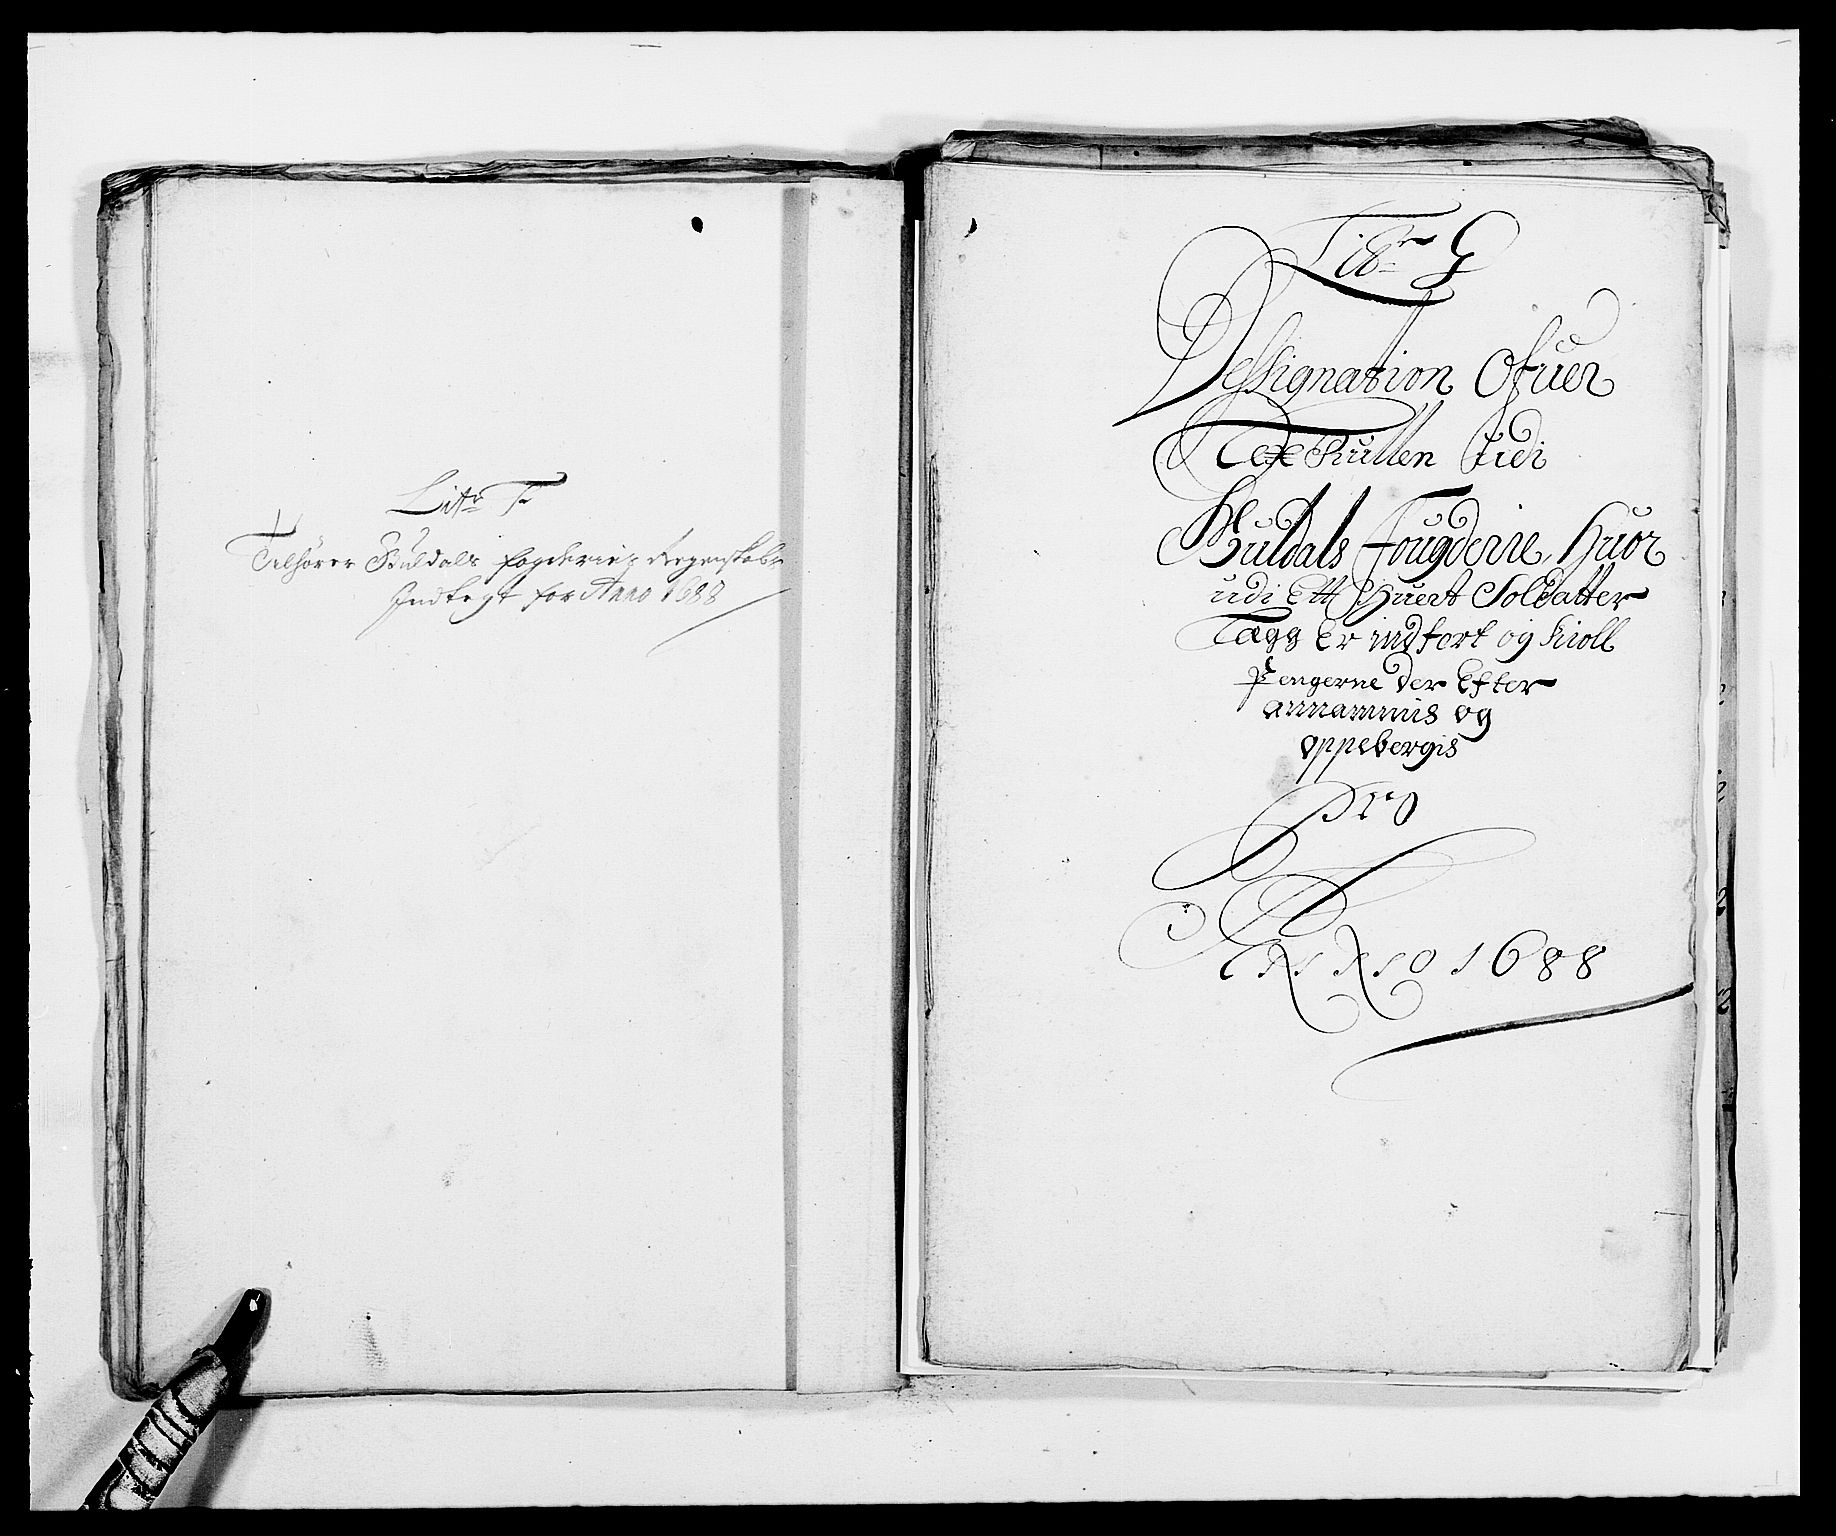 RA, Rentekammeret inntil 1814, Reviderte regnskaper, Fogderegnskap, R59/L3939: Fogderegnskap Gauldal, 1687-1688, s. 218